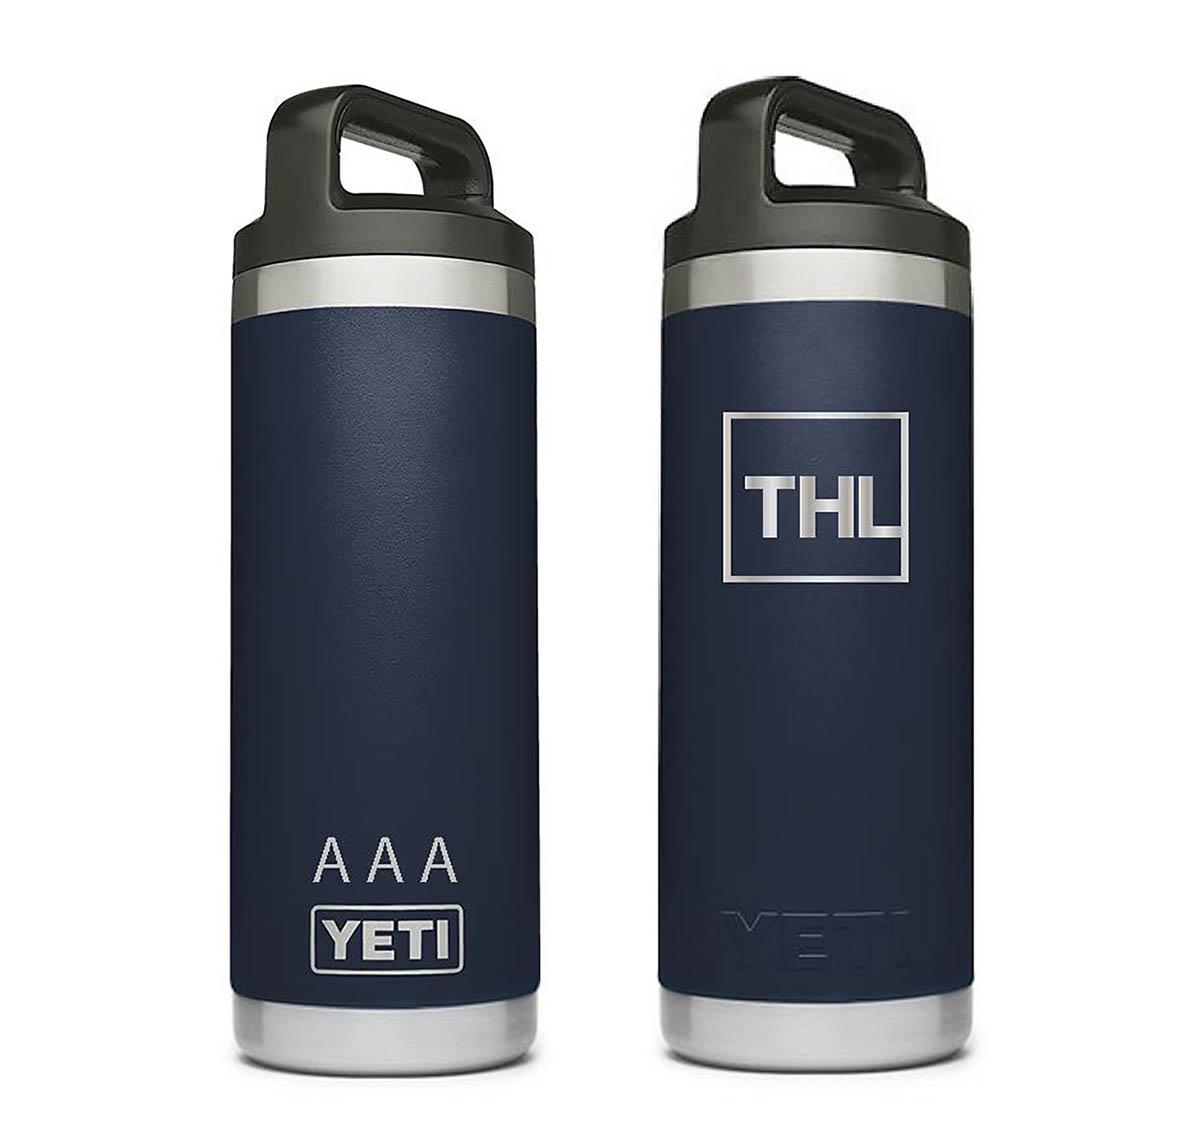 THL Personalized Yeti 18 oz Navy